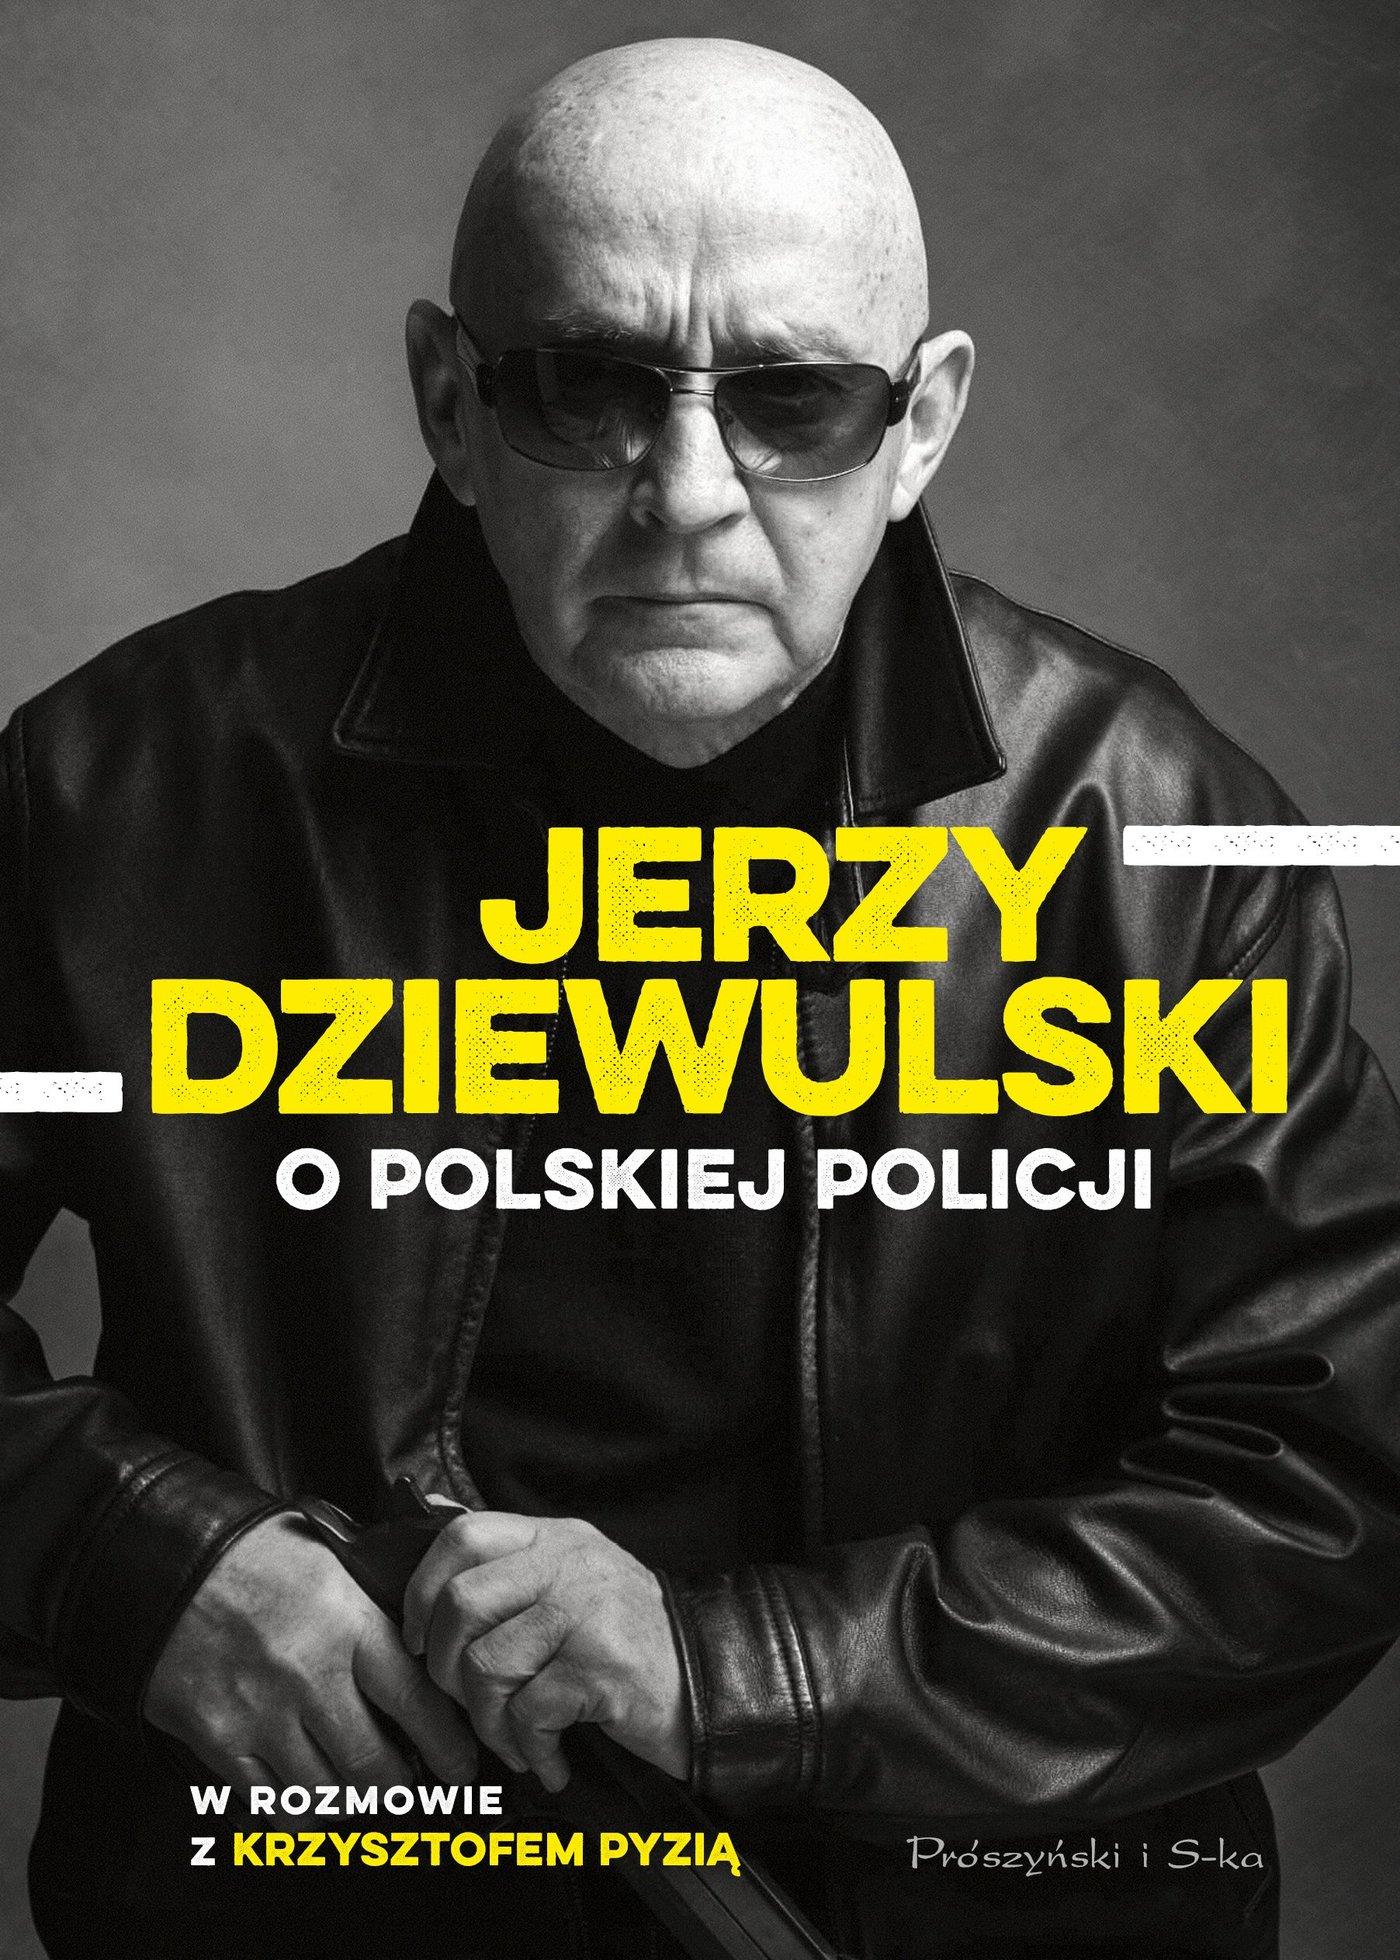 Jerzy Dziewulski o polskiej policji - Ebook (Książka EPUB) do pobrania w formacie EPUB